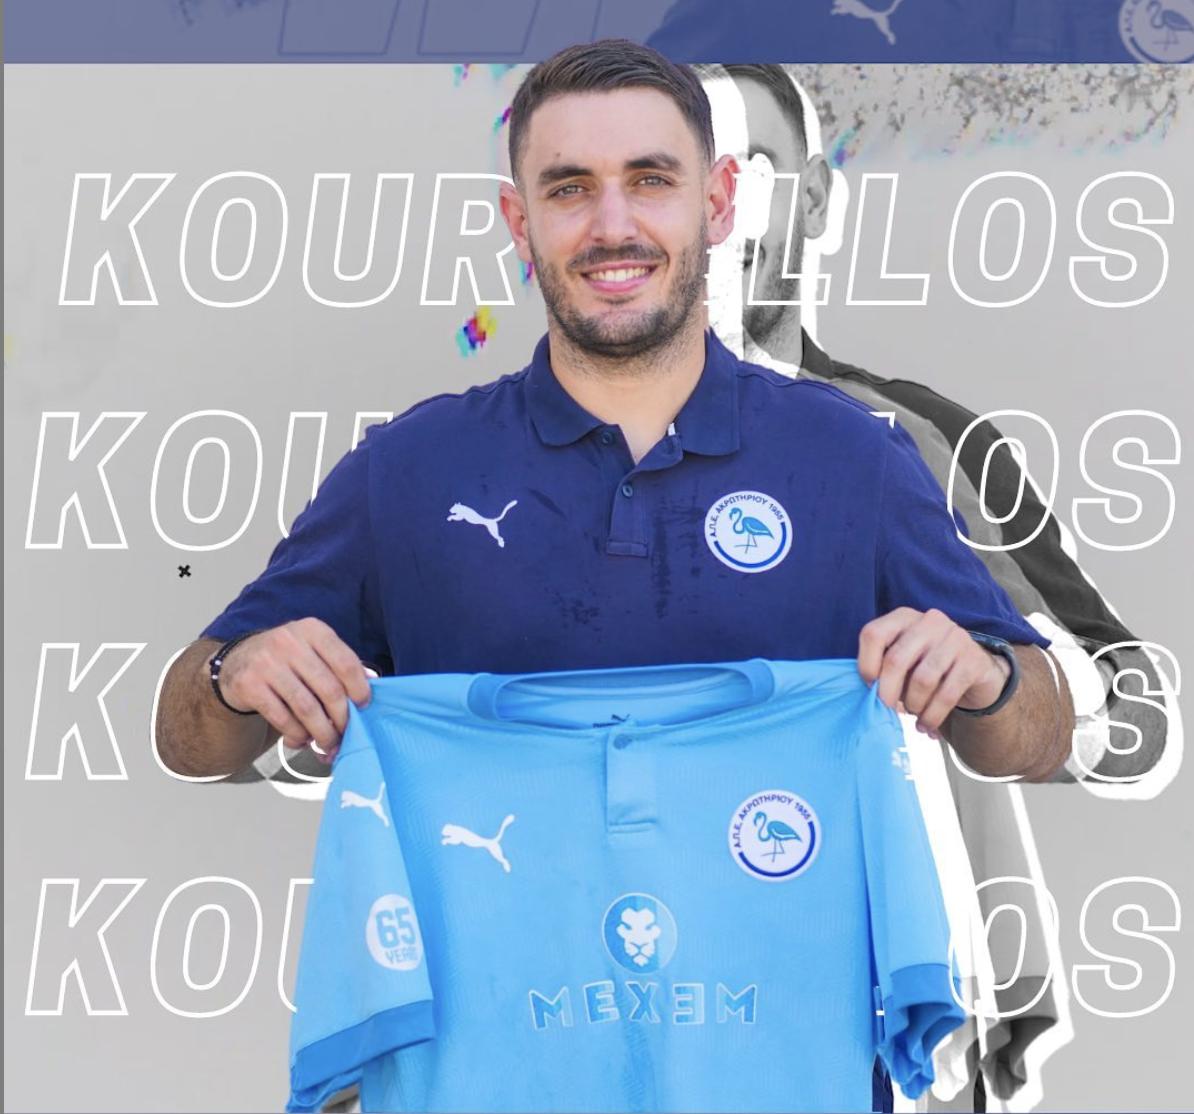 Rafail Kourtellos Signing